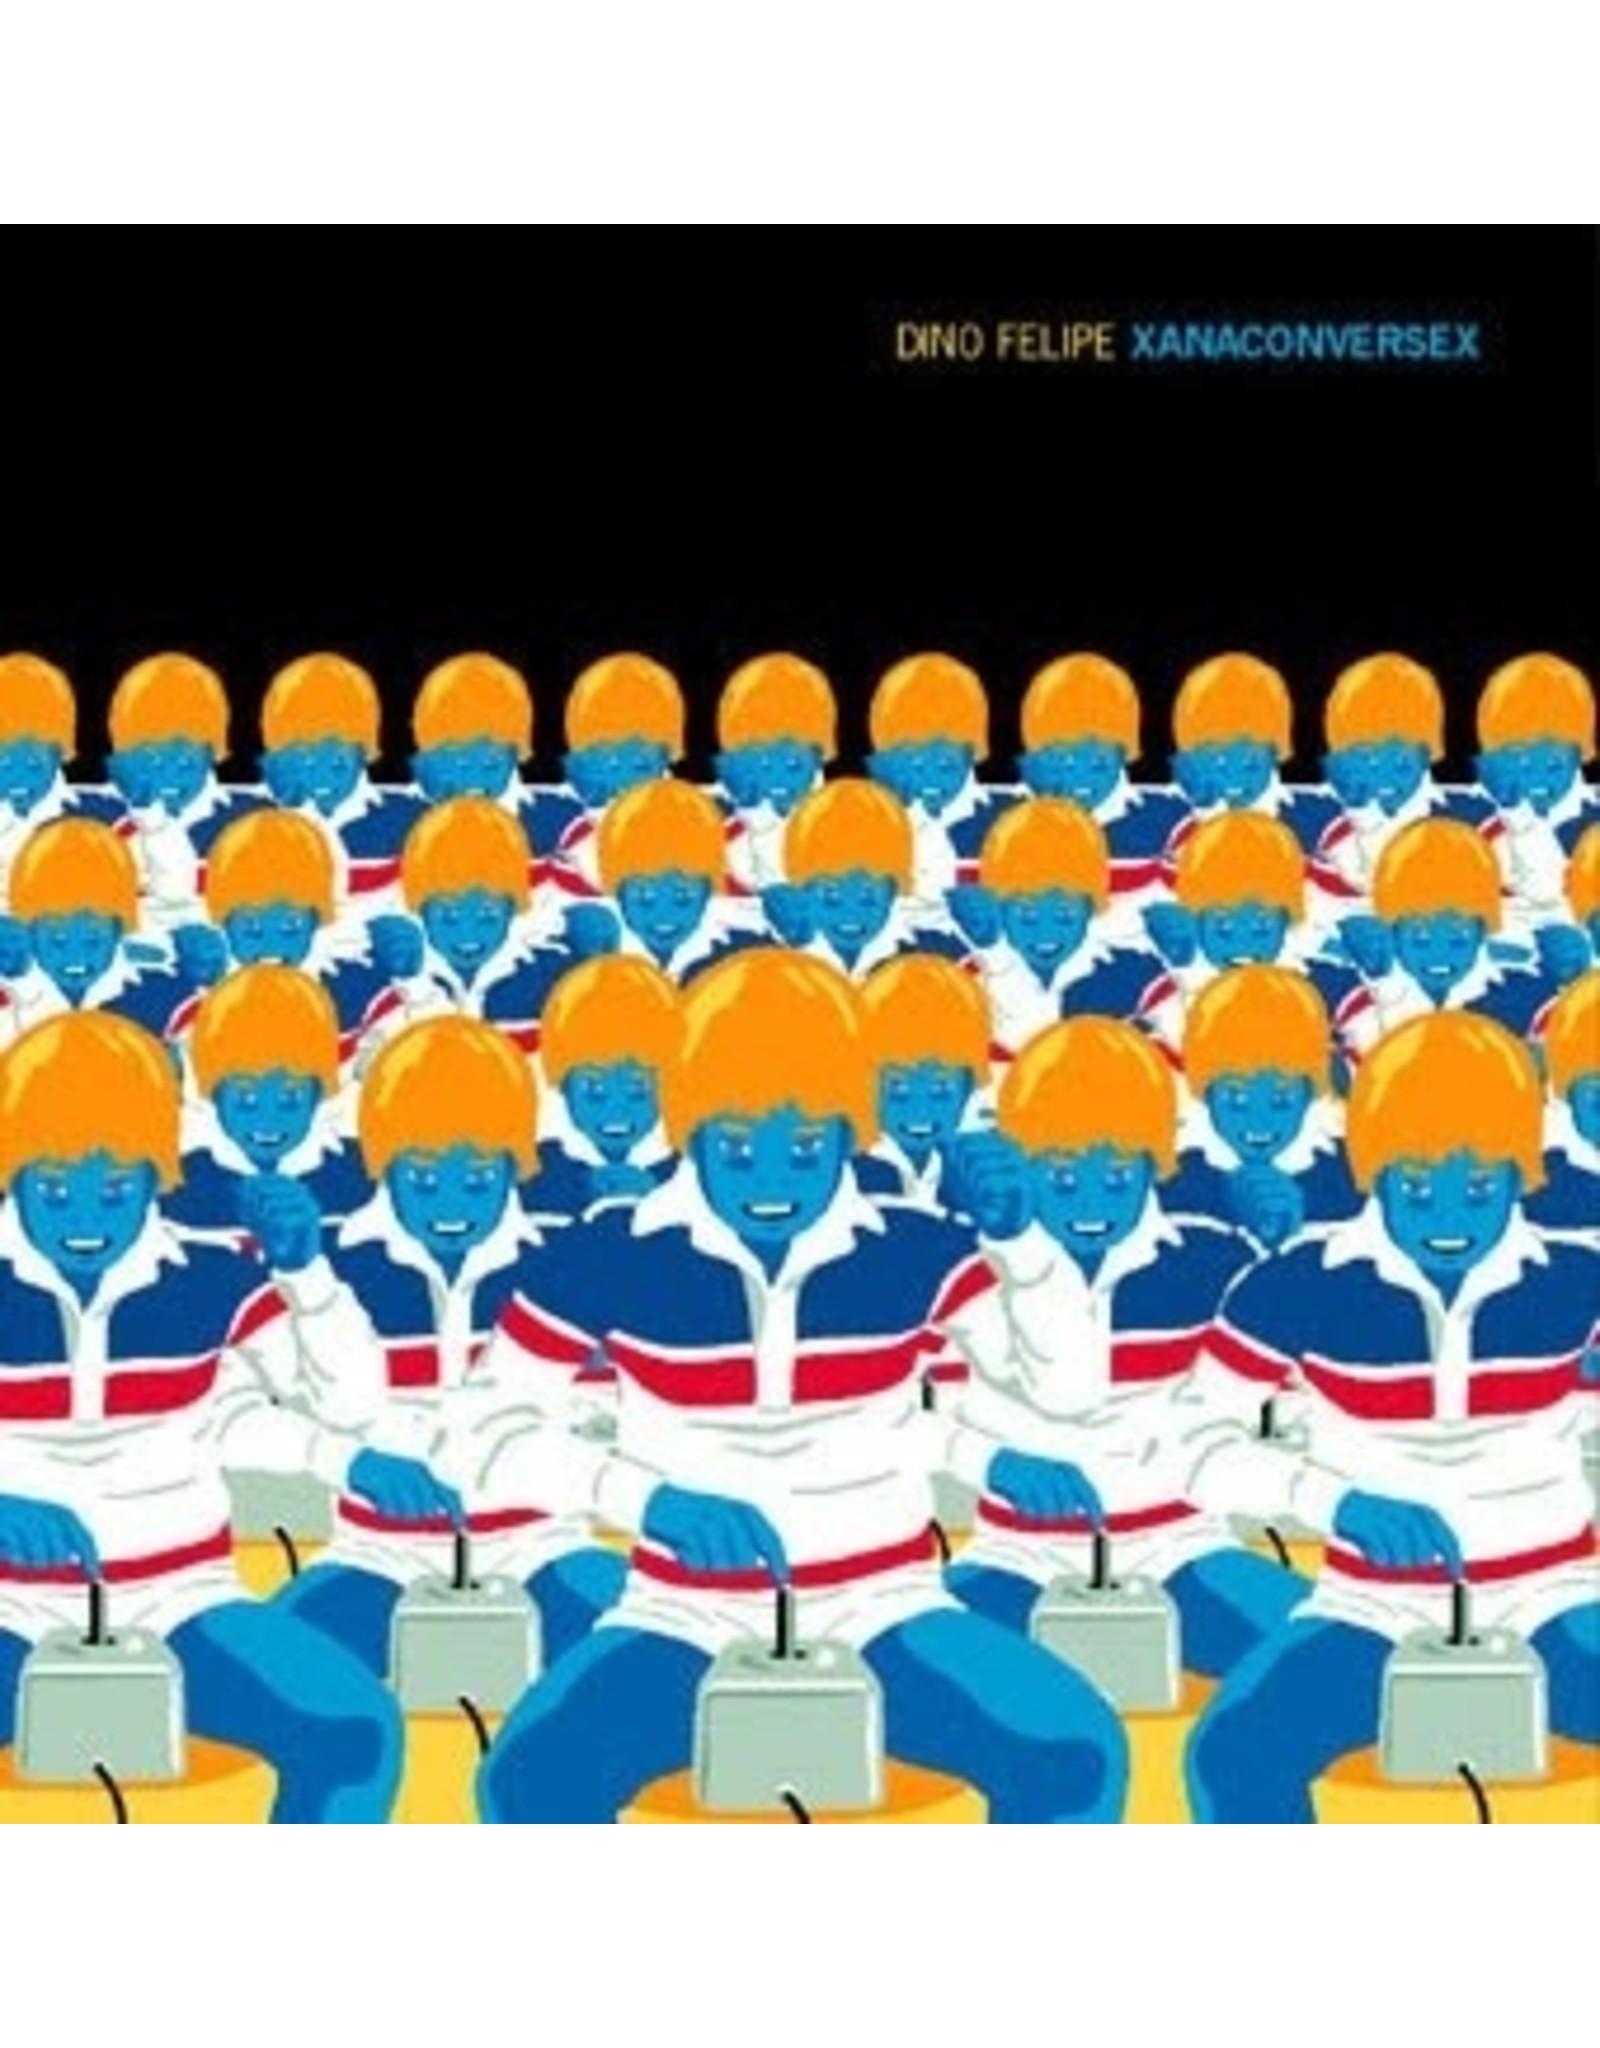 """New Vinyl Dino Felipe - Xanaconversex 12"""" EP"""